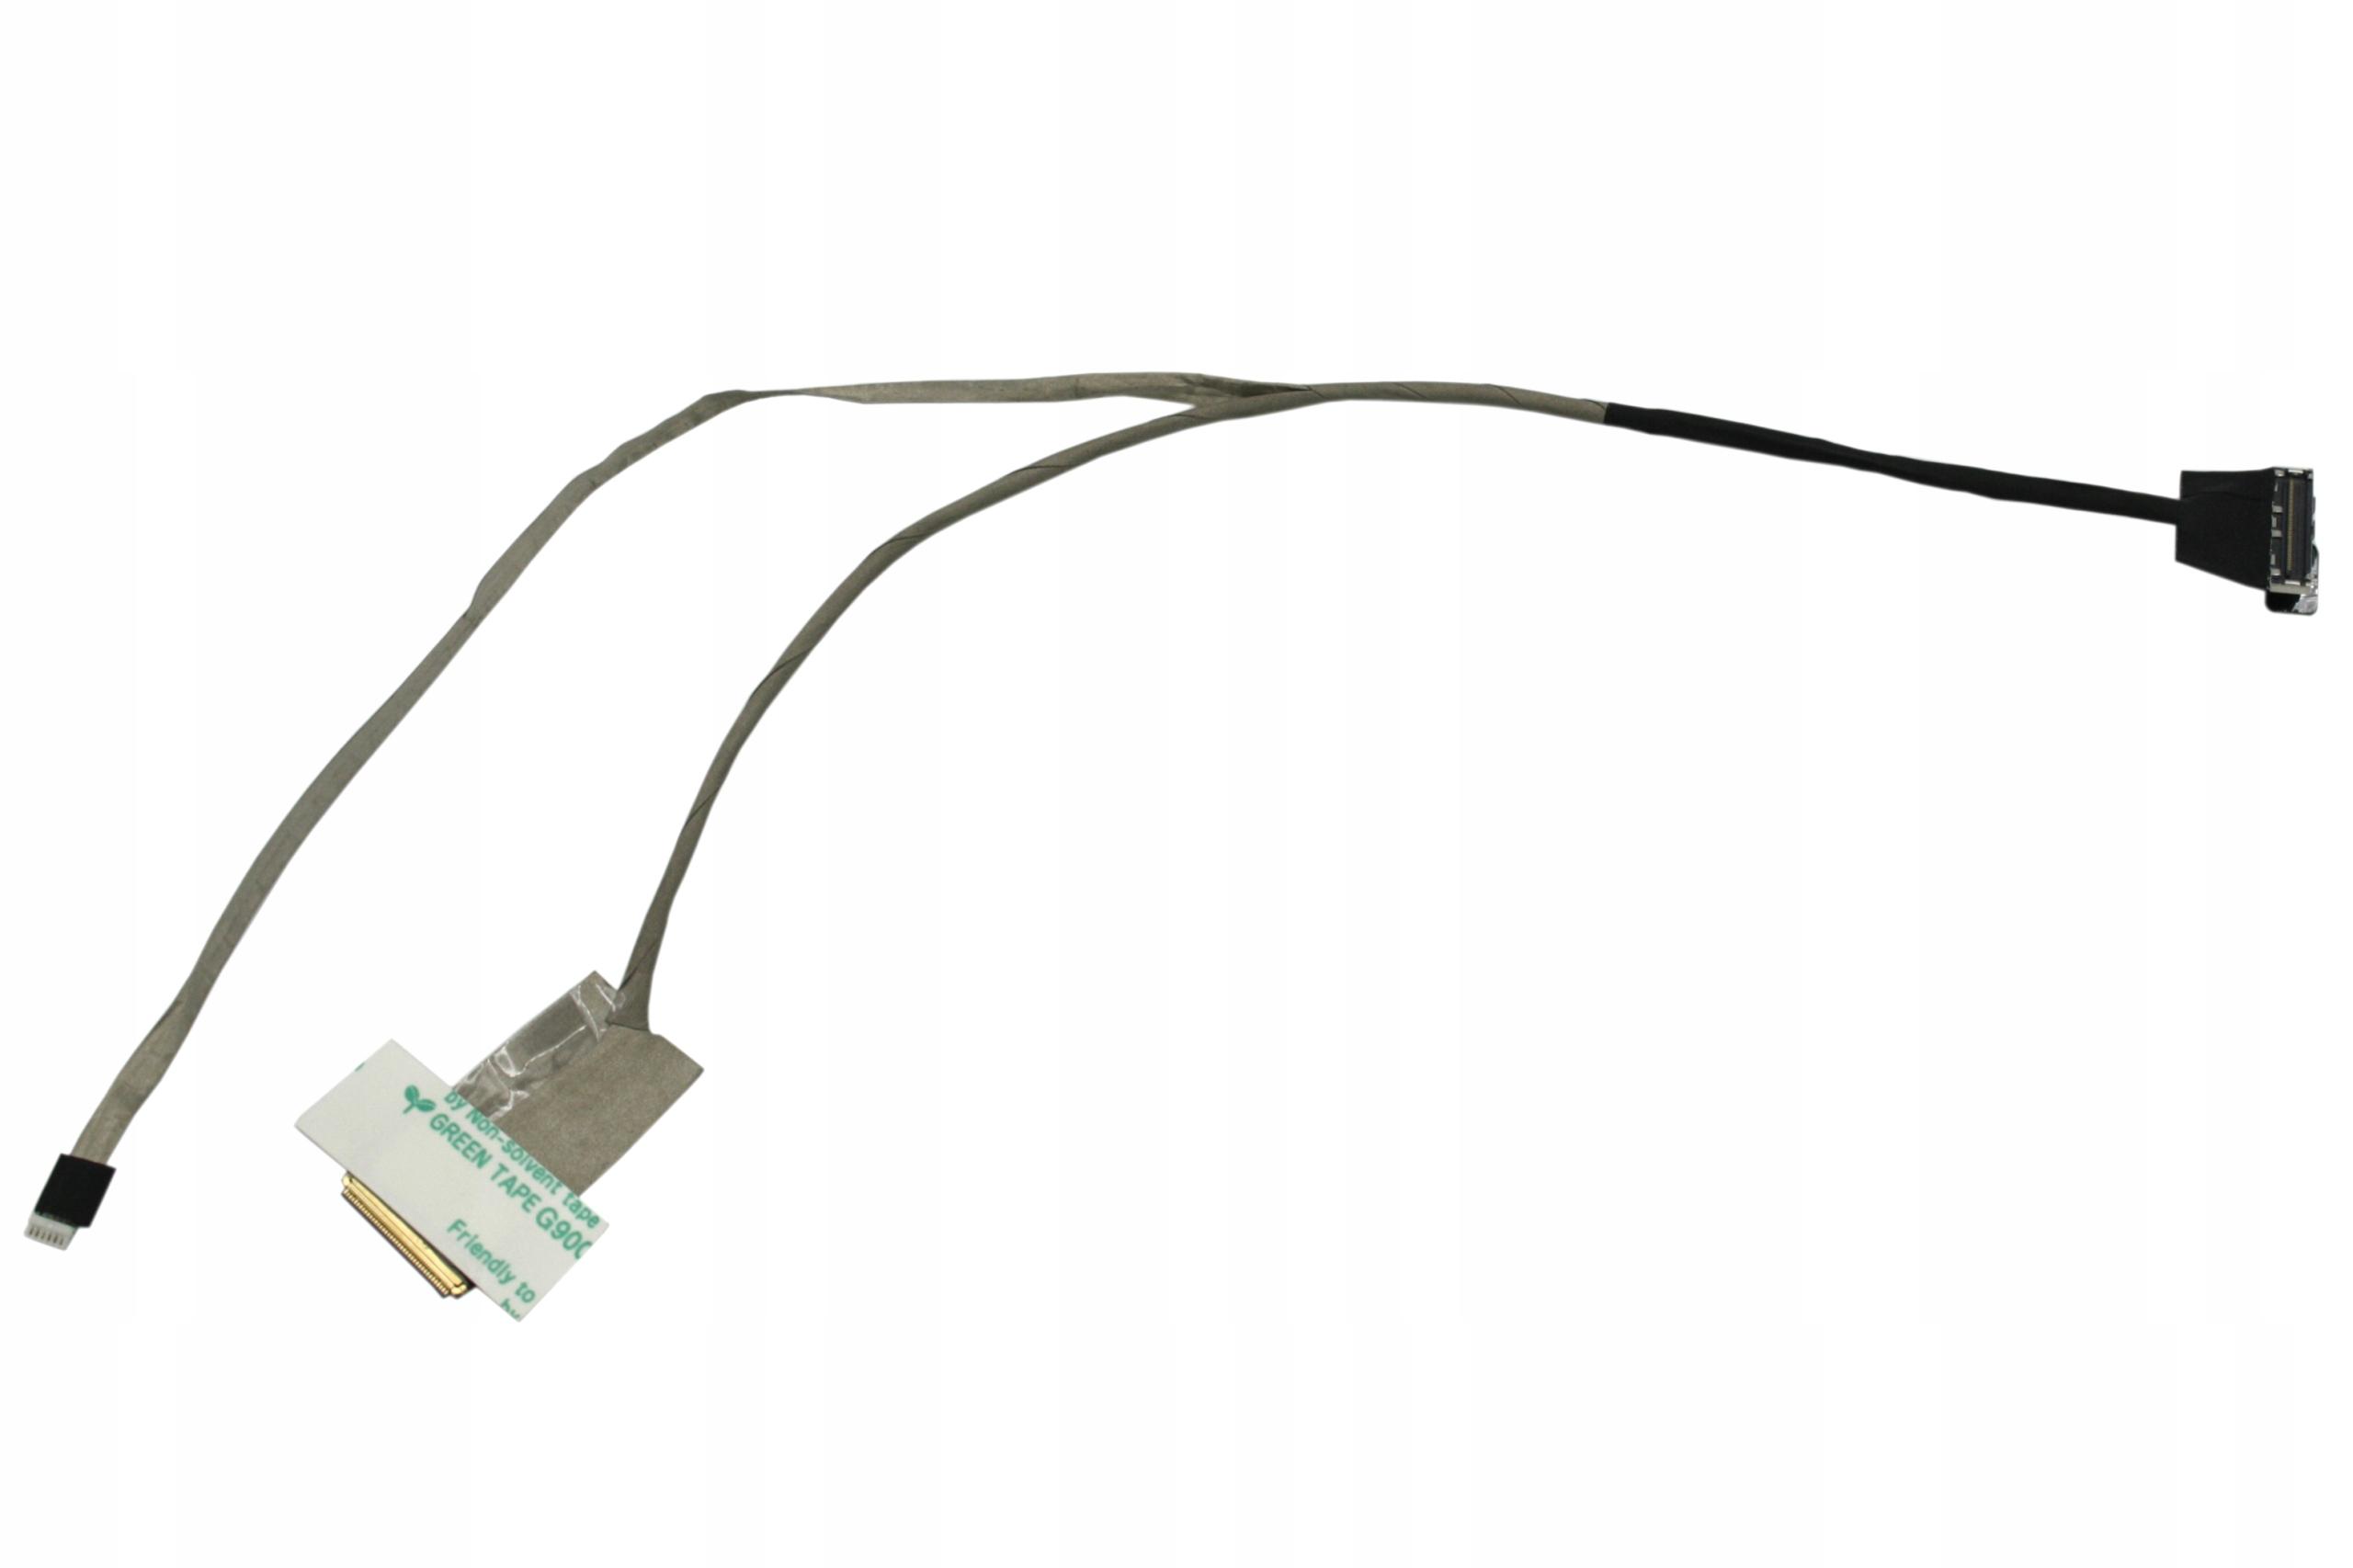 TAŚMA LCD MATRYCY HP PAVILION G6-2000 681817-001, DD0R36LC000, DD0R36LC030 DD0R36LC040 - Taśmy i inwertery